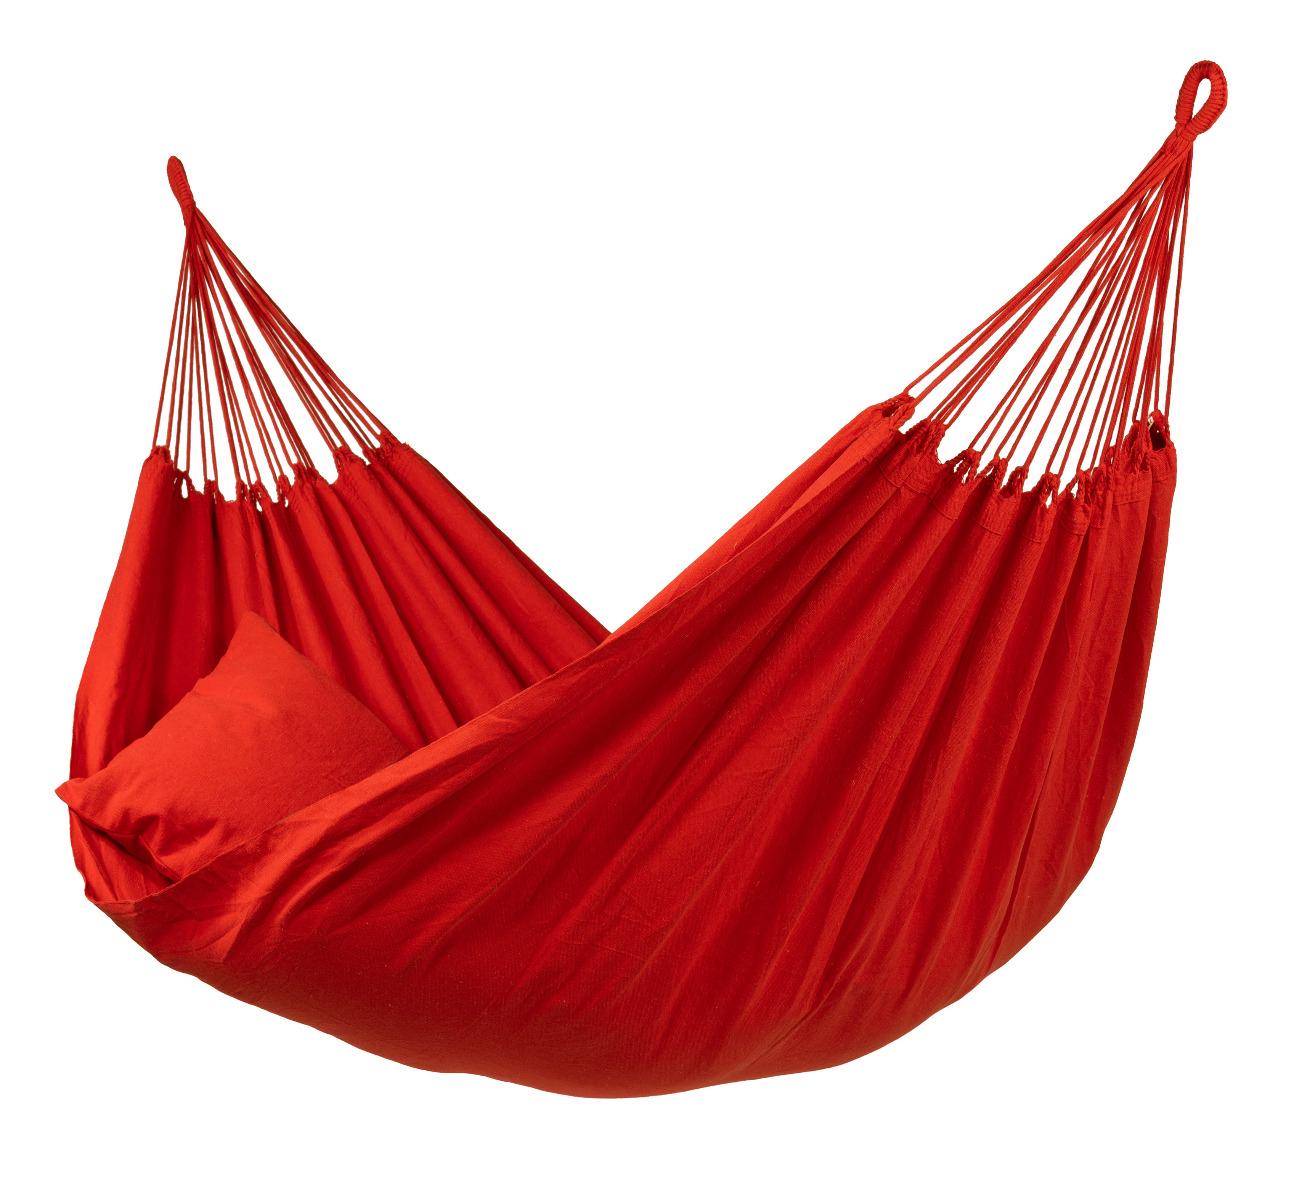 Hangmat 'Organic' Red - Tropilex �